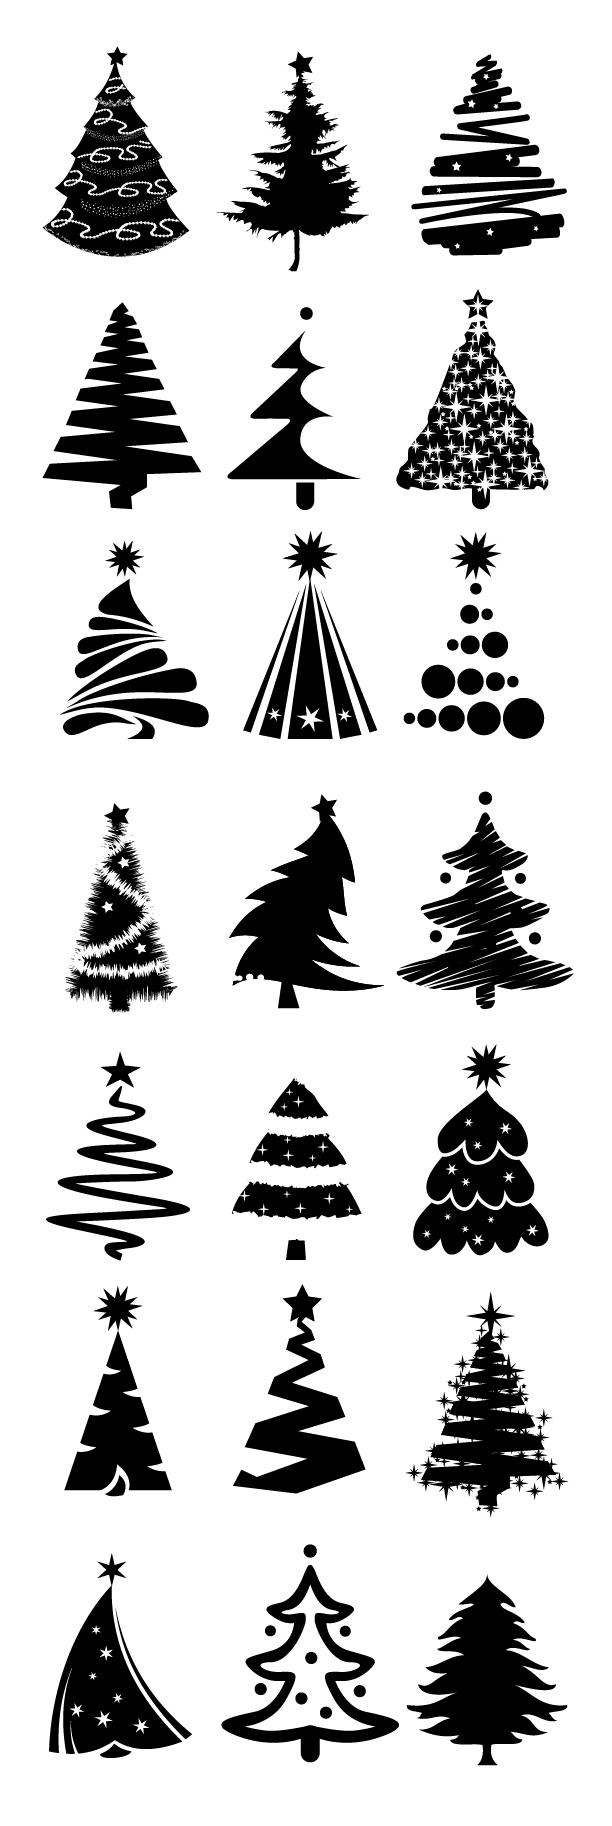 クリスマスツリー イラスト おしゃれ 手書き Paintschainer